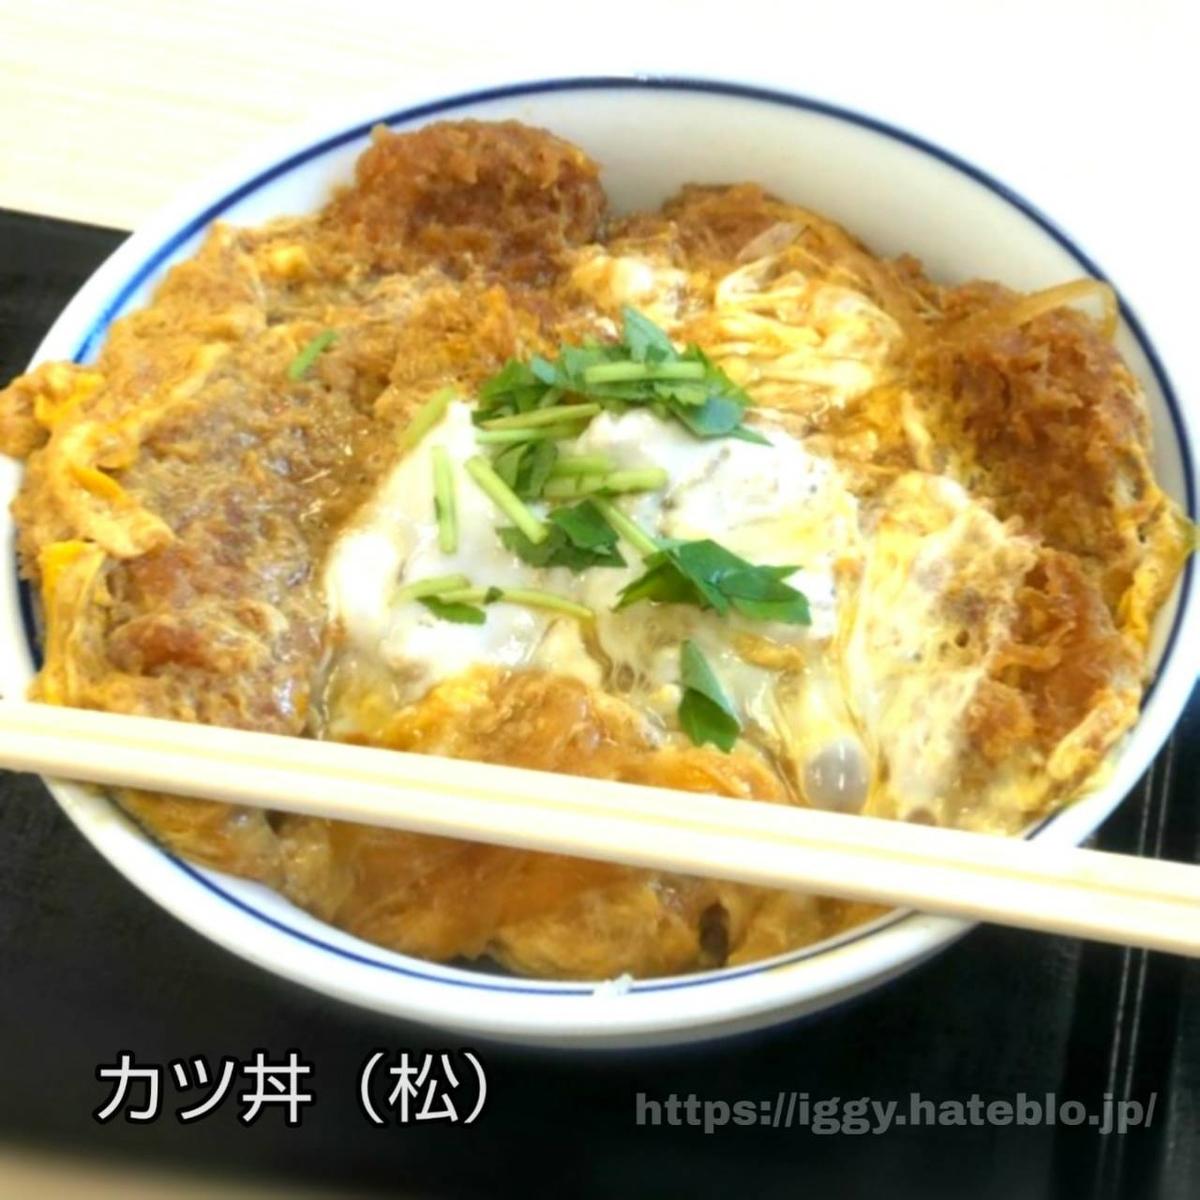 かつや カツ丼(松) iggy2019